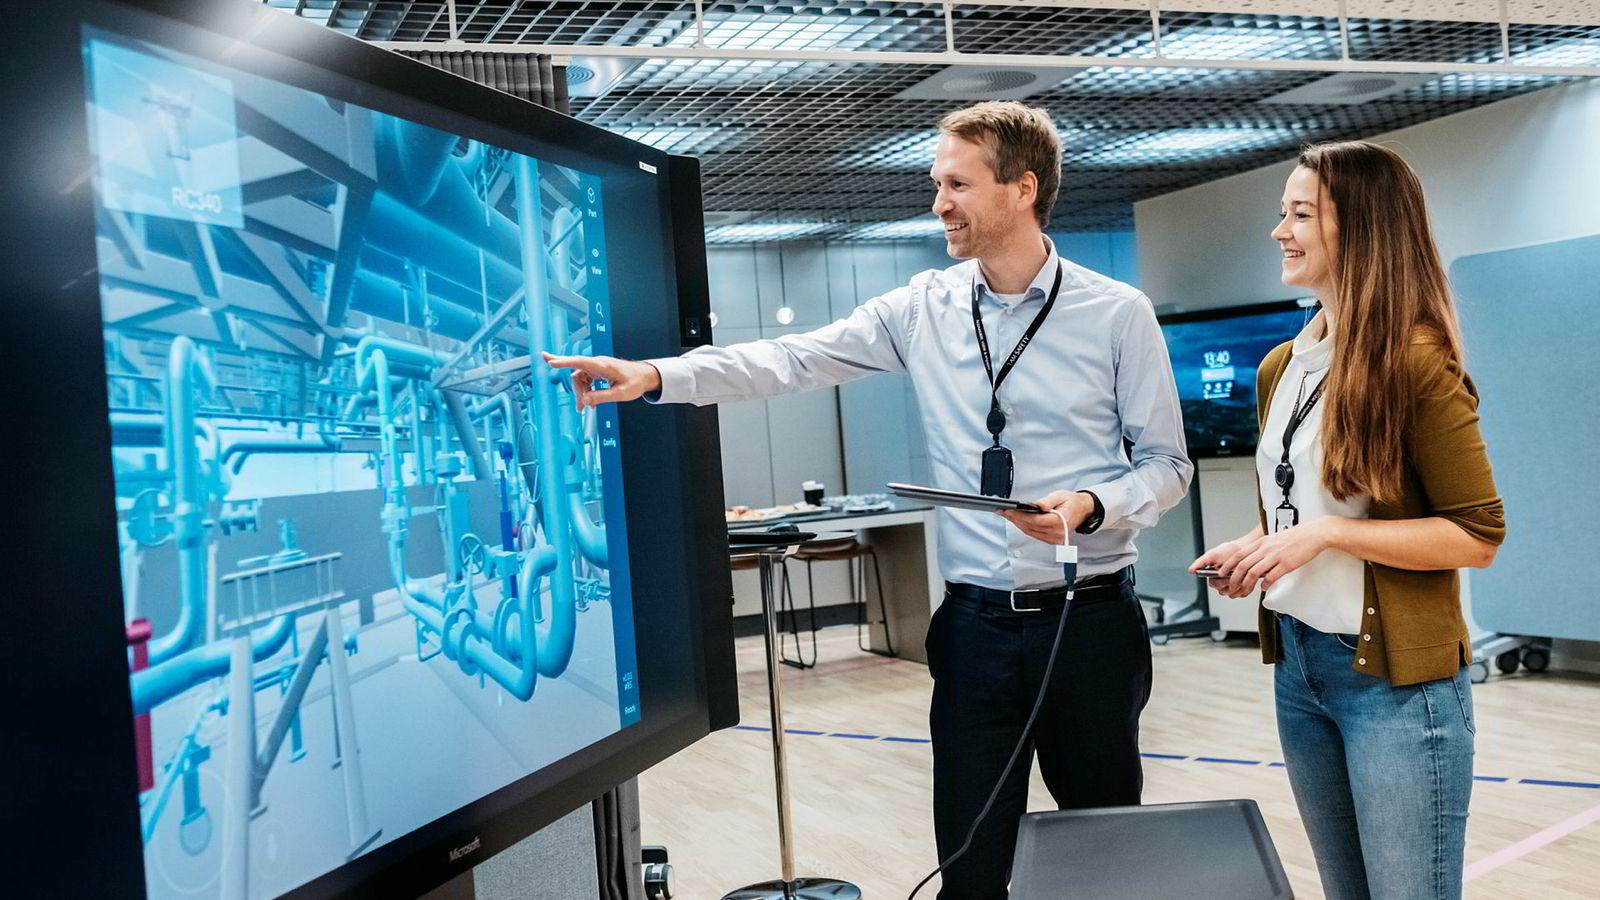 Equinors digitaldirektør Torbjørn F. Folgerø og leder for digitalisering i Johan Sverdrup Trine Svalestad viser frem skjermer med Sverdrup-feltets digitale tvilling. Her kan flere arbeidere være pålogget og se hverandre. Teknologien er den samme som multiplayer dataspill.